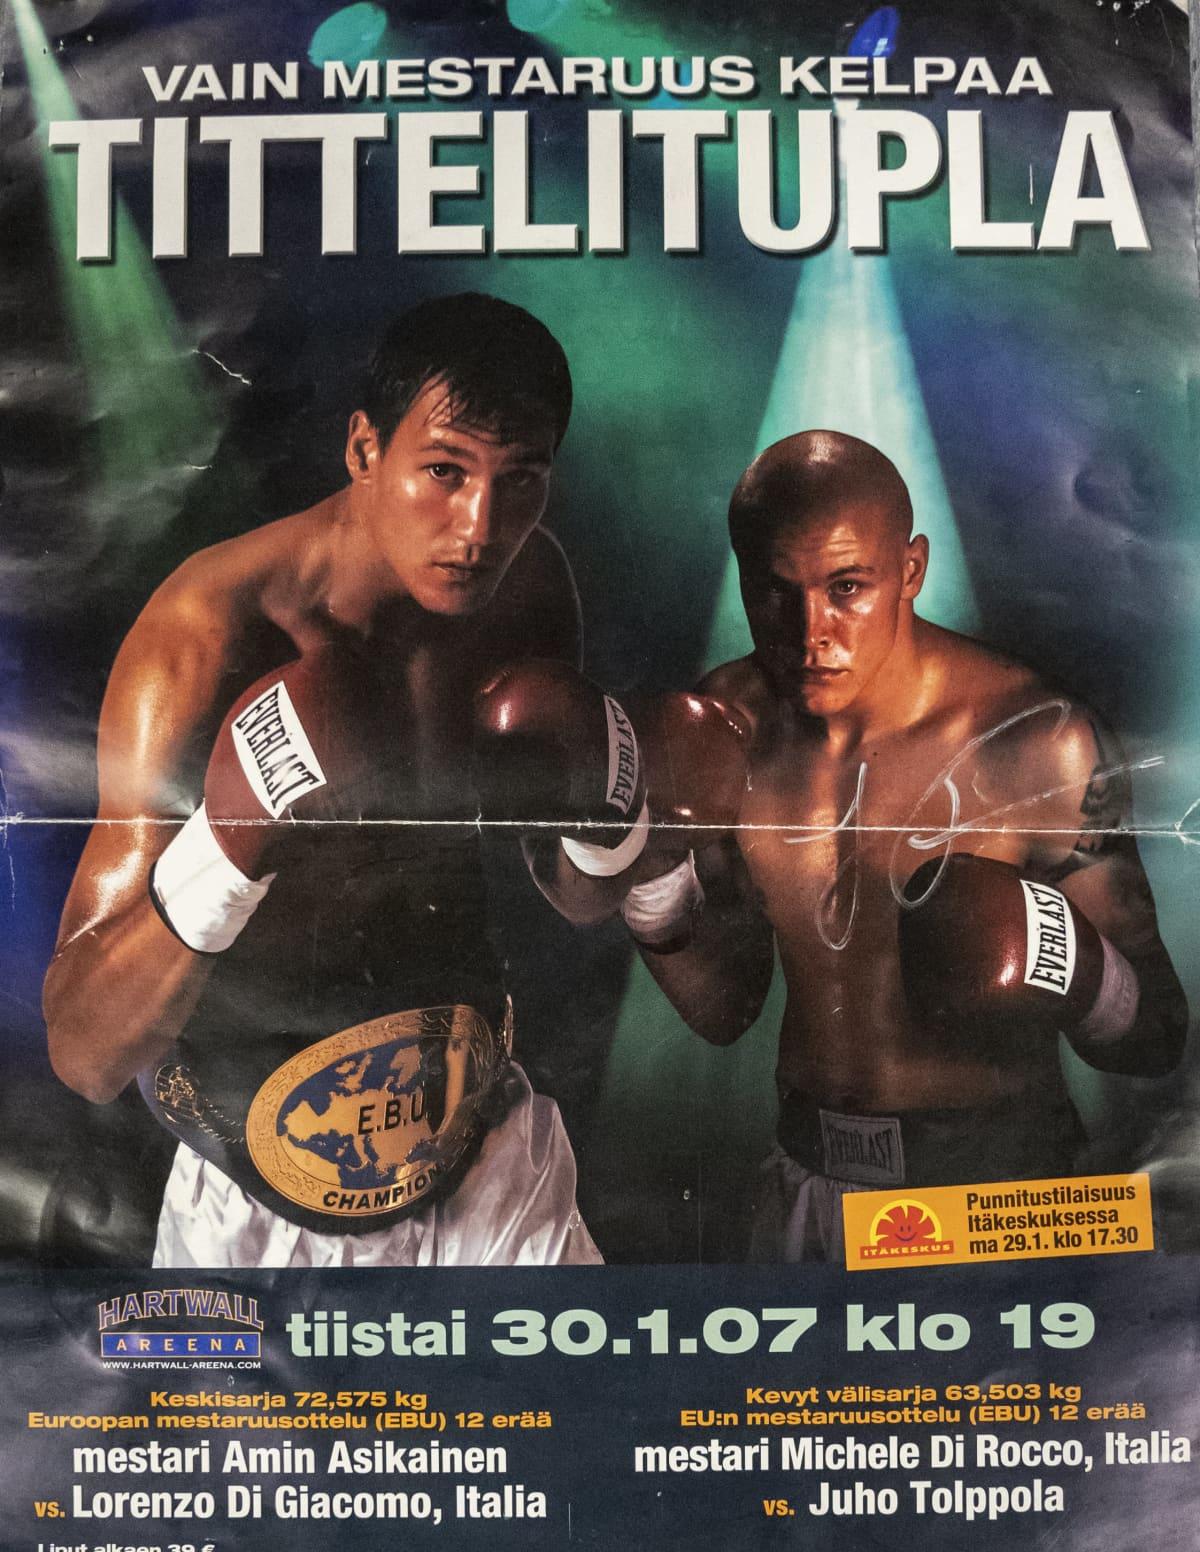 Nyrkkeilijä Juho Tolppola